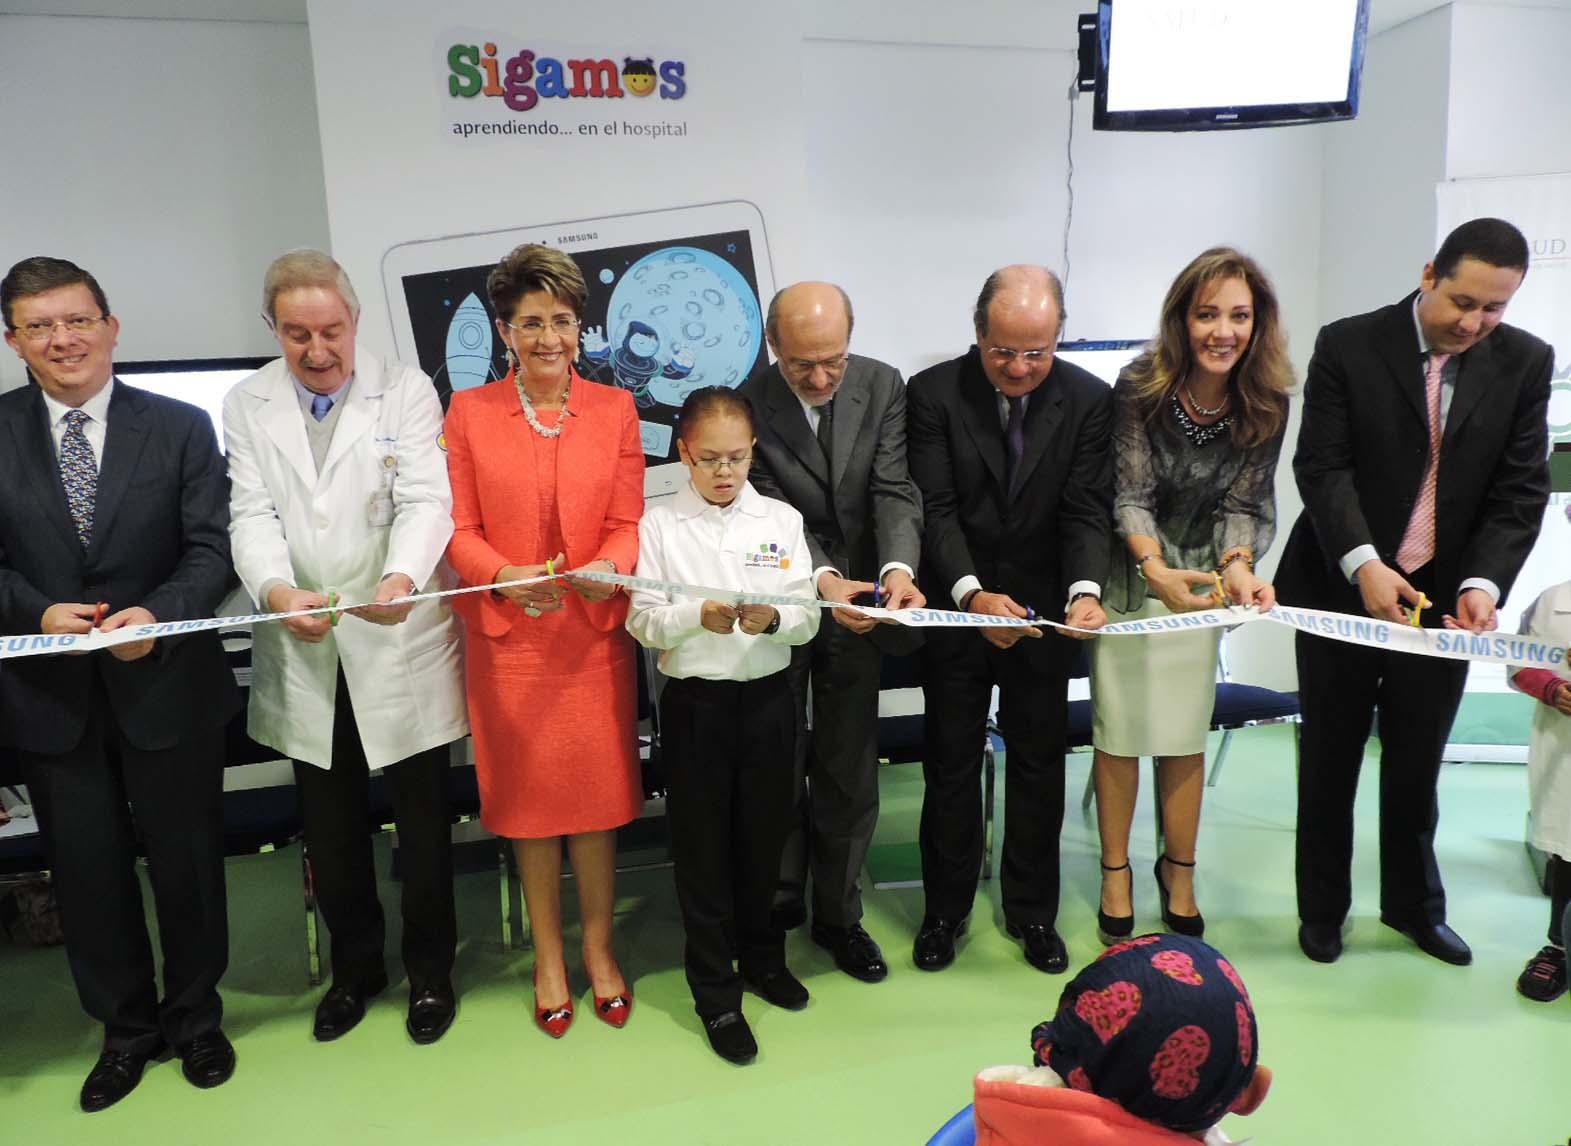 """Inauguración del Aula Digital Smart School de Samsung en el Hospital Infantil de México """"Federico Gómez"""" (HIMFG)"""